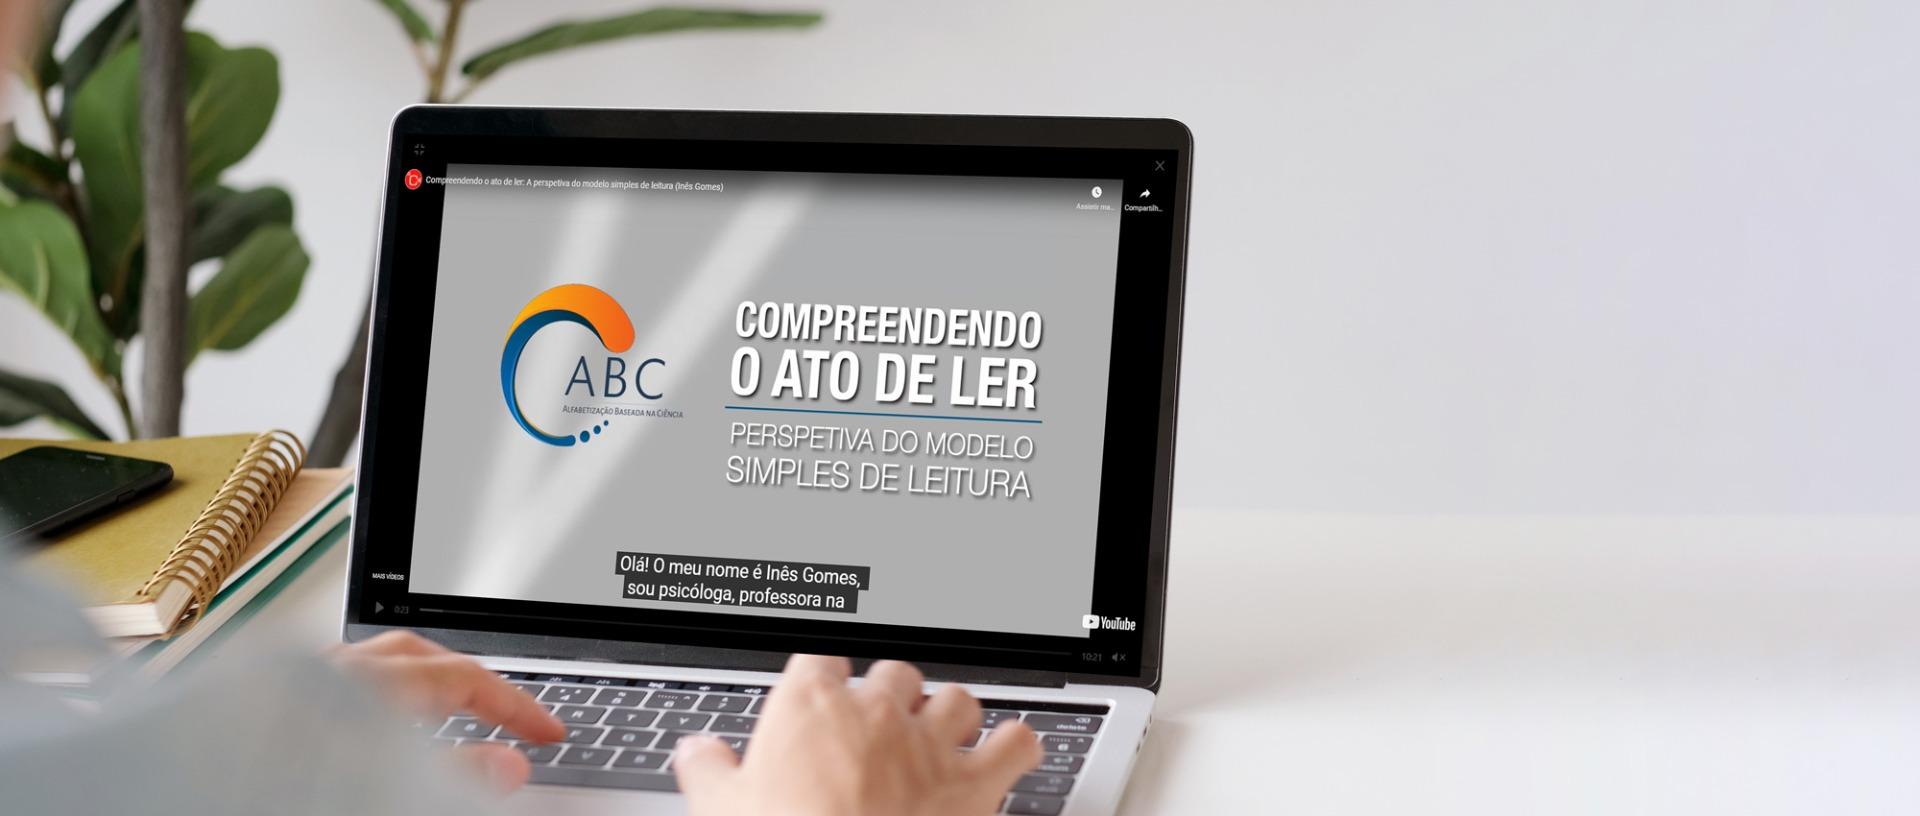 Novo capítulo do Curso ABC explica Modelo Simples de Leitura